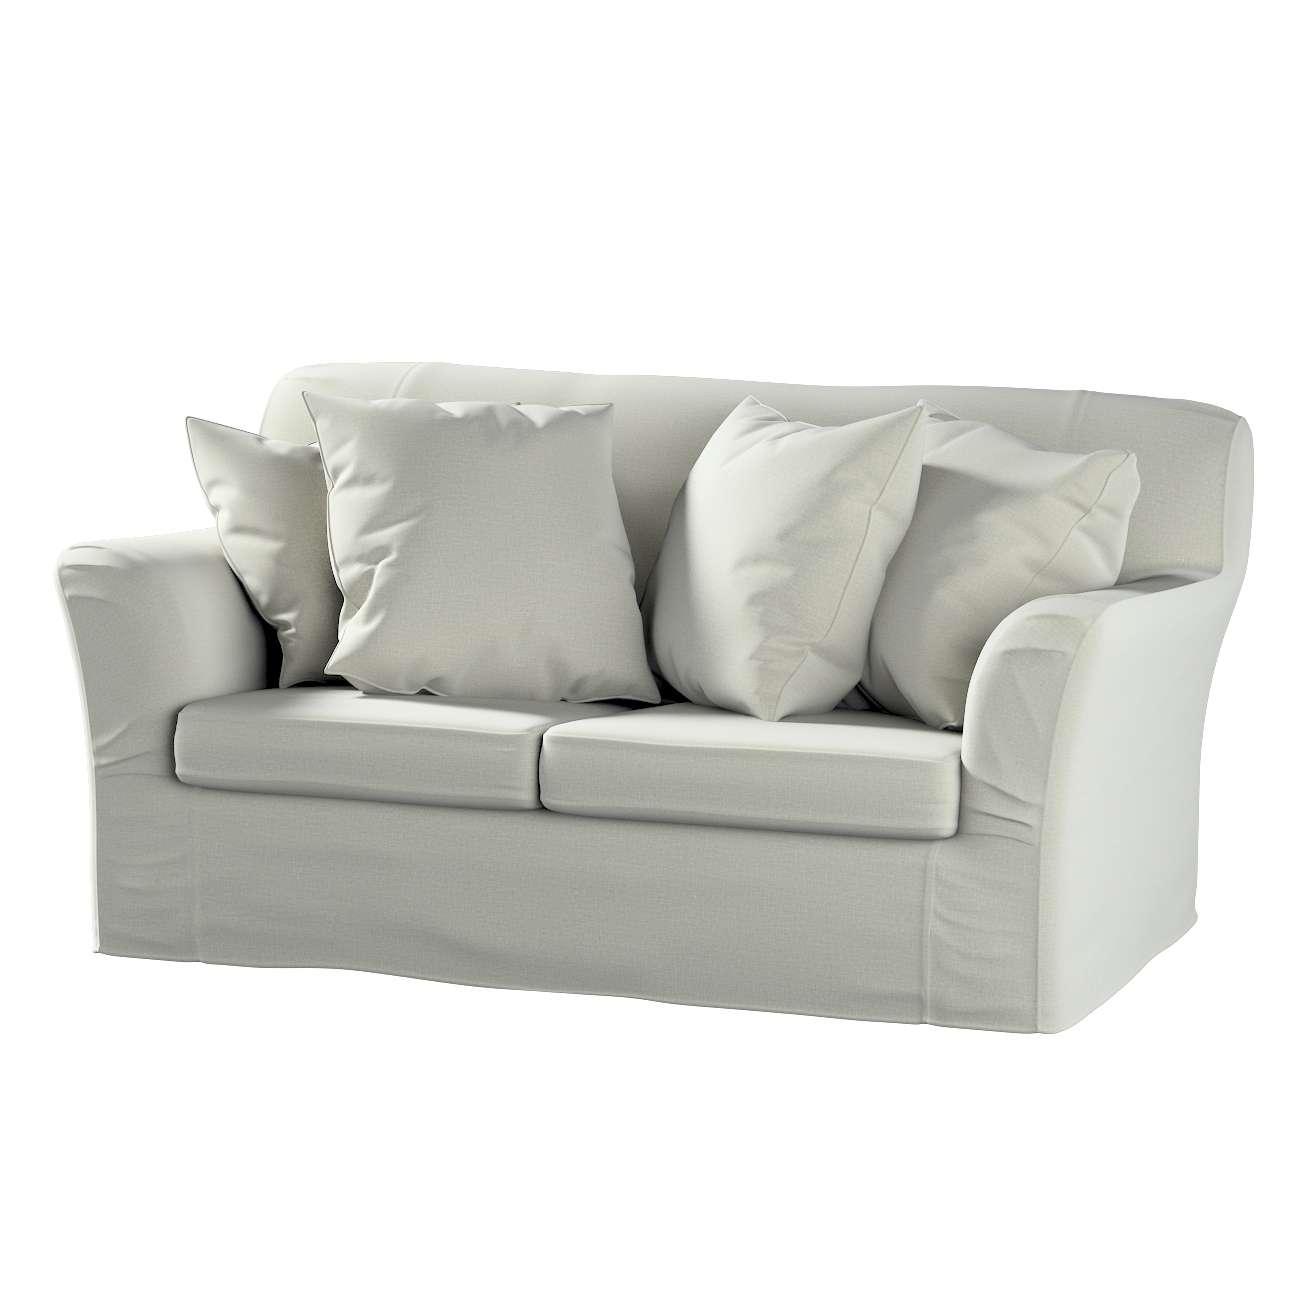 Pokrowiec na sofę Tomelilla 2-osobową nierozkładaną w kolekcji Ingrid, tkanina: 705-41